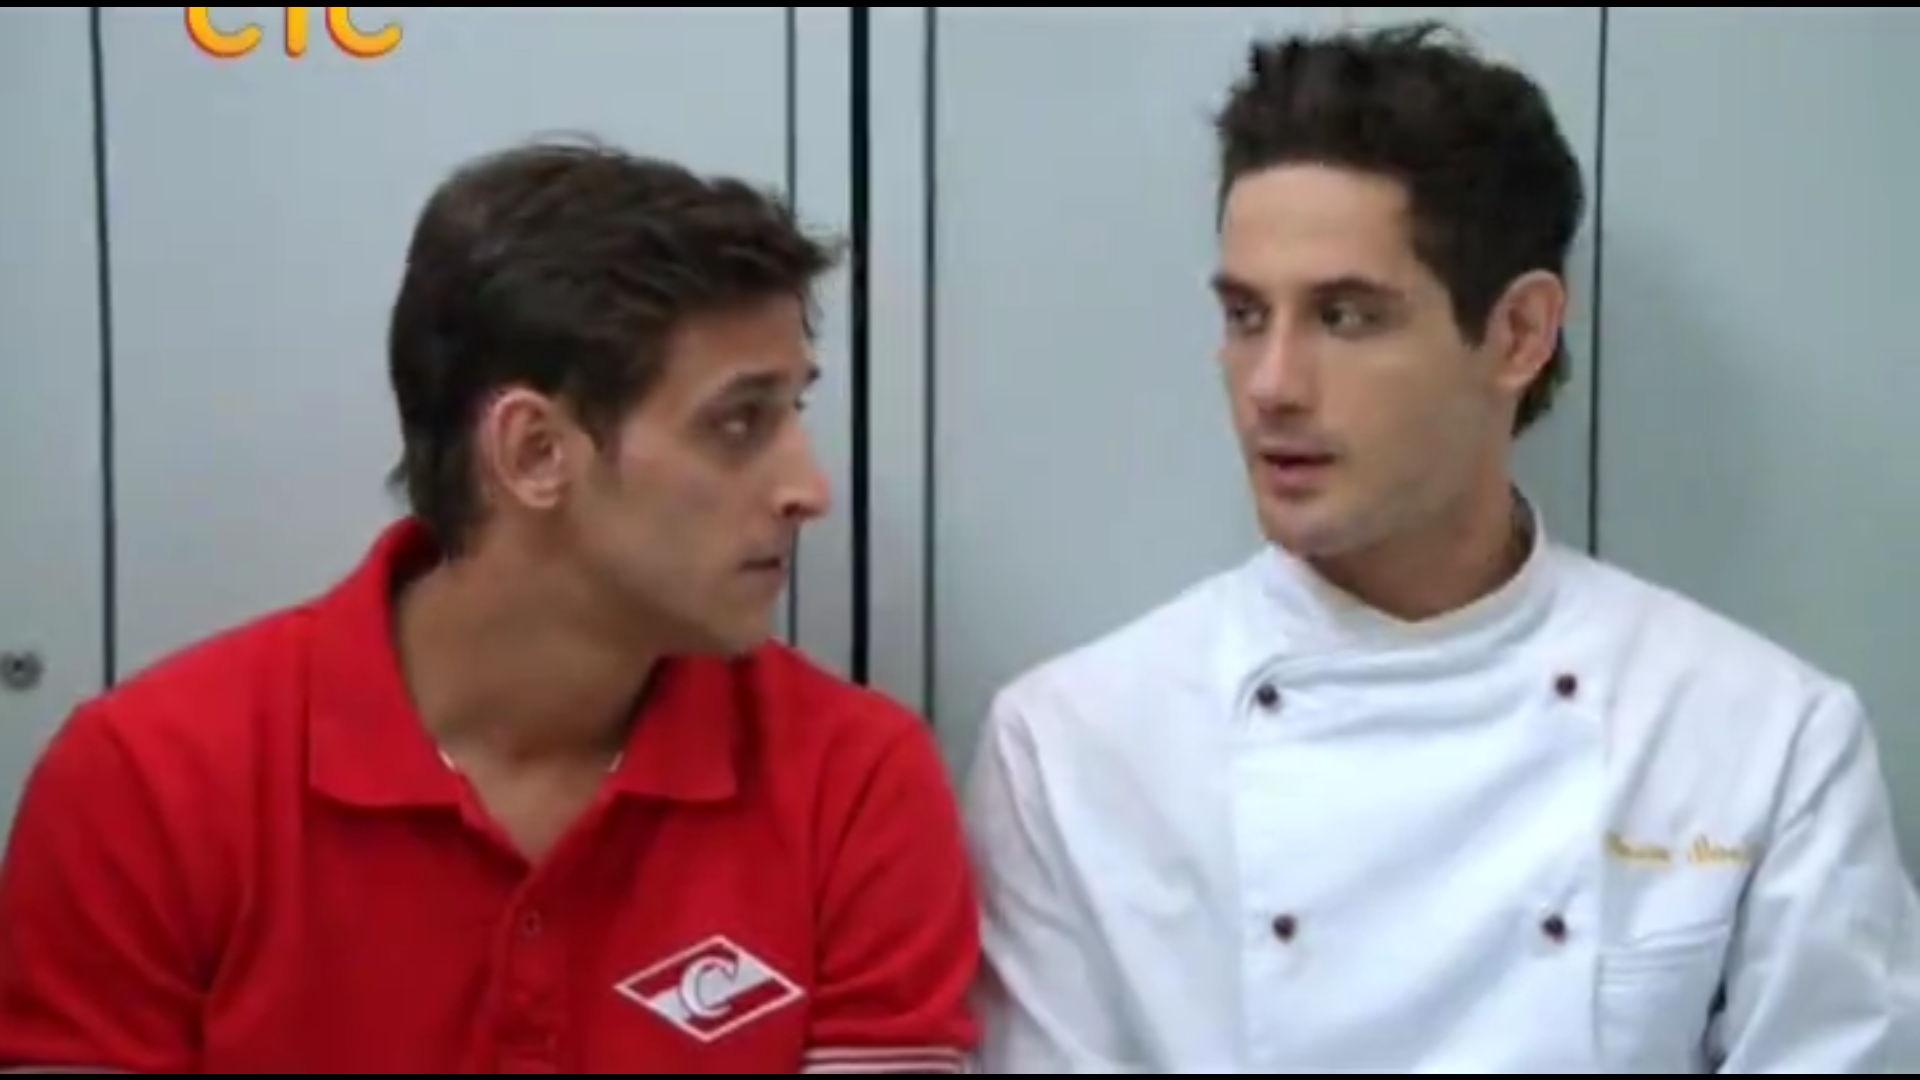 кухня 2 сезон 1 20 серия 2013 смотреть сериал онлайн бесплатно в